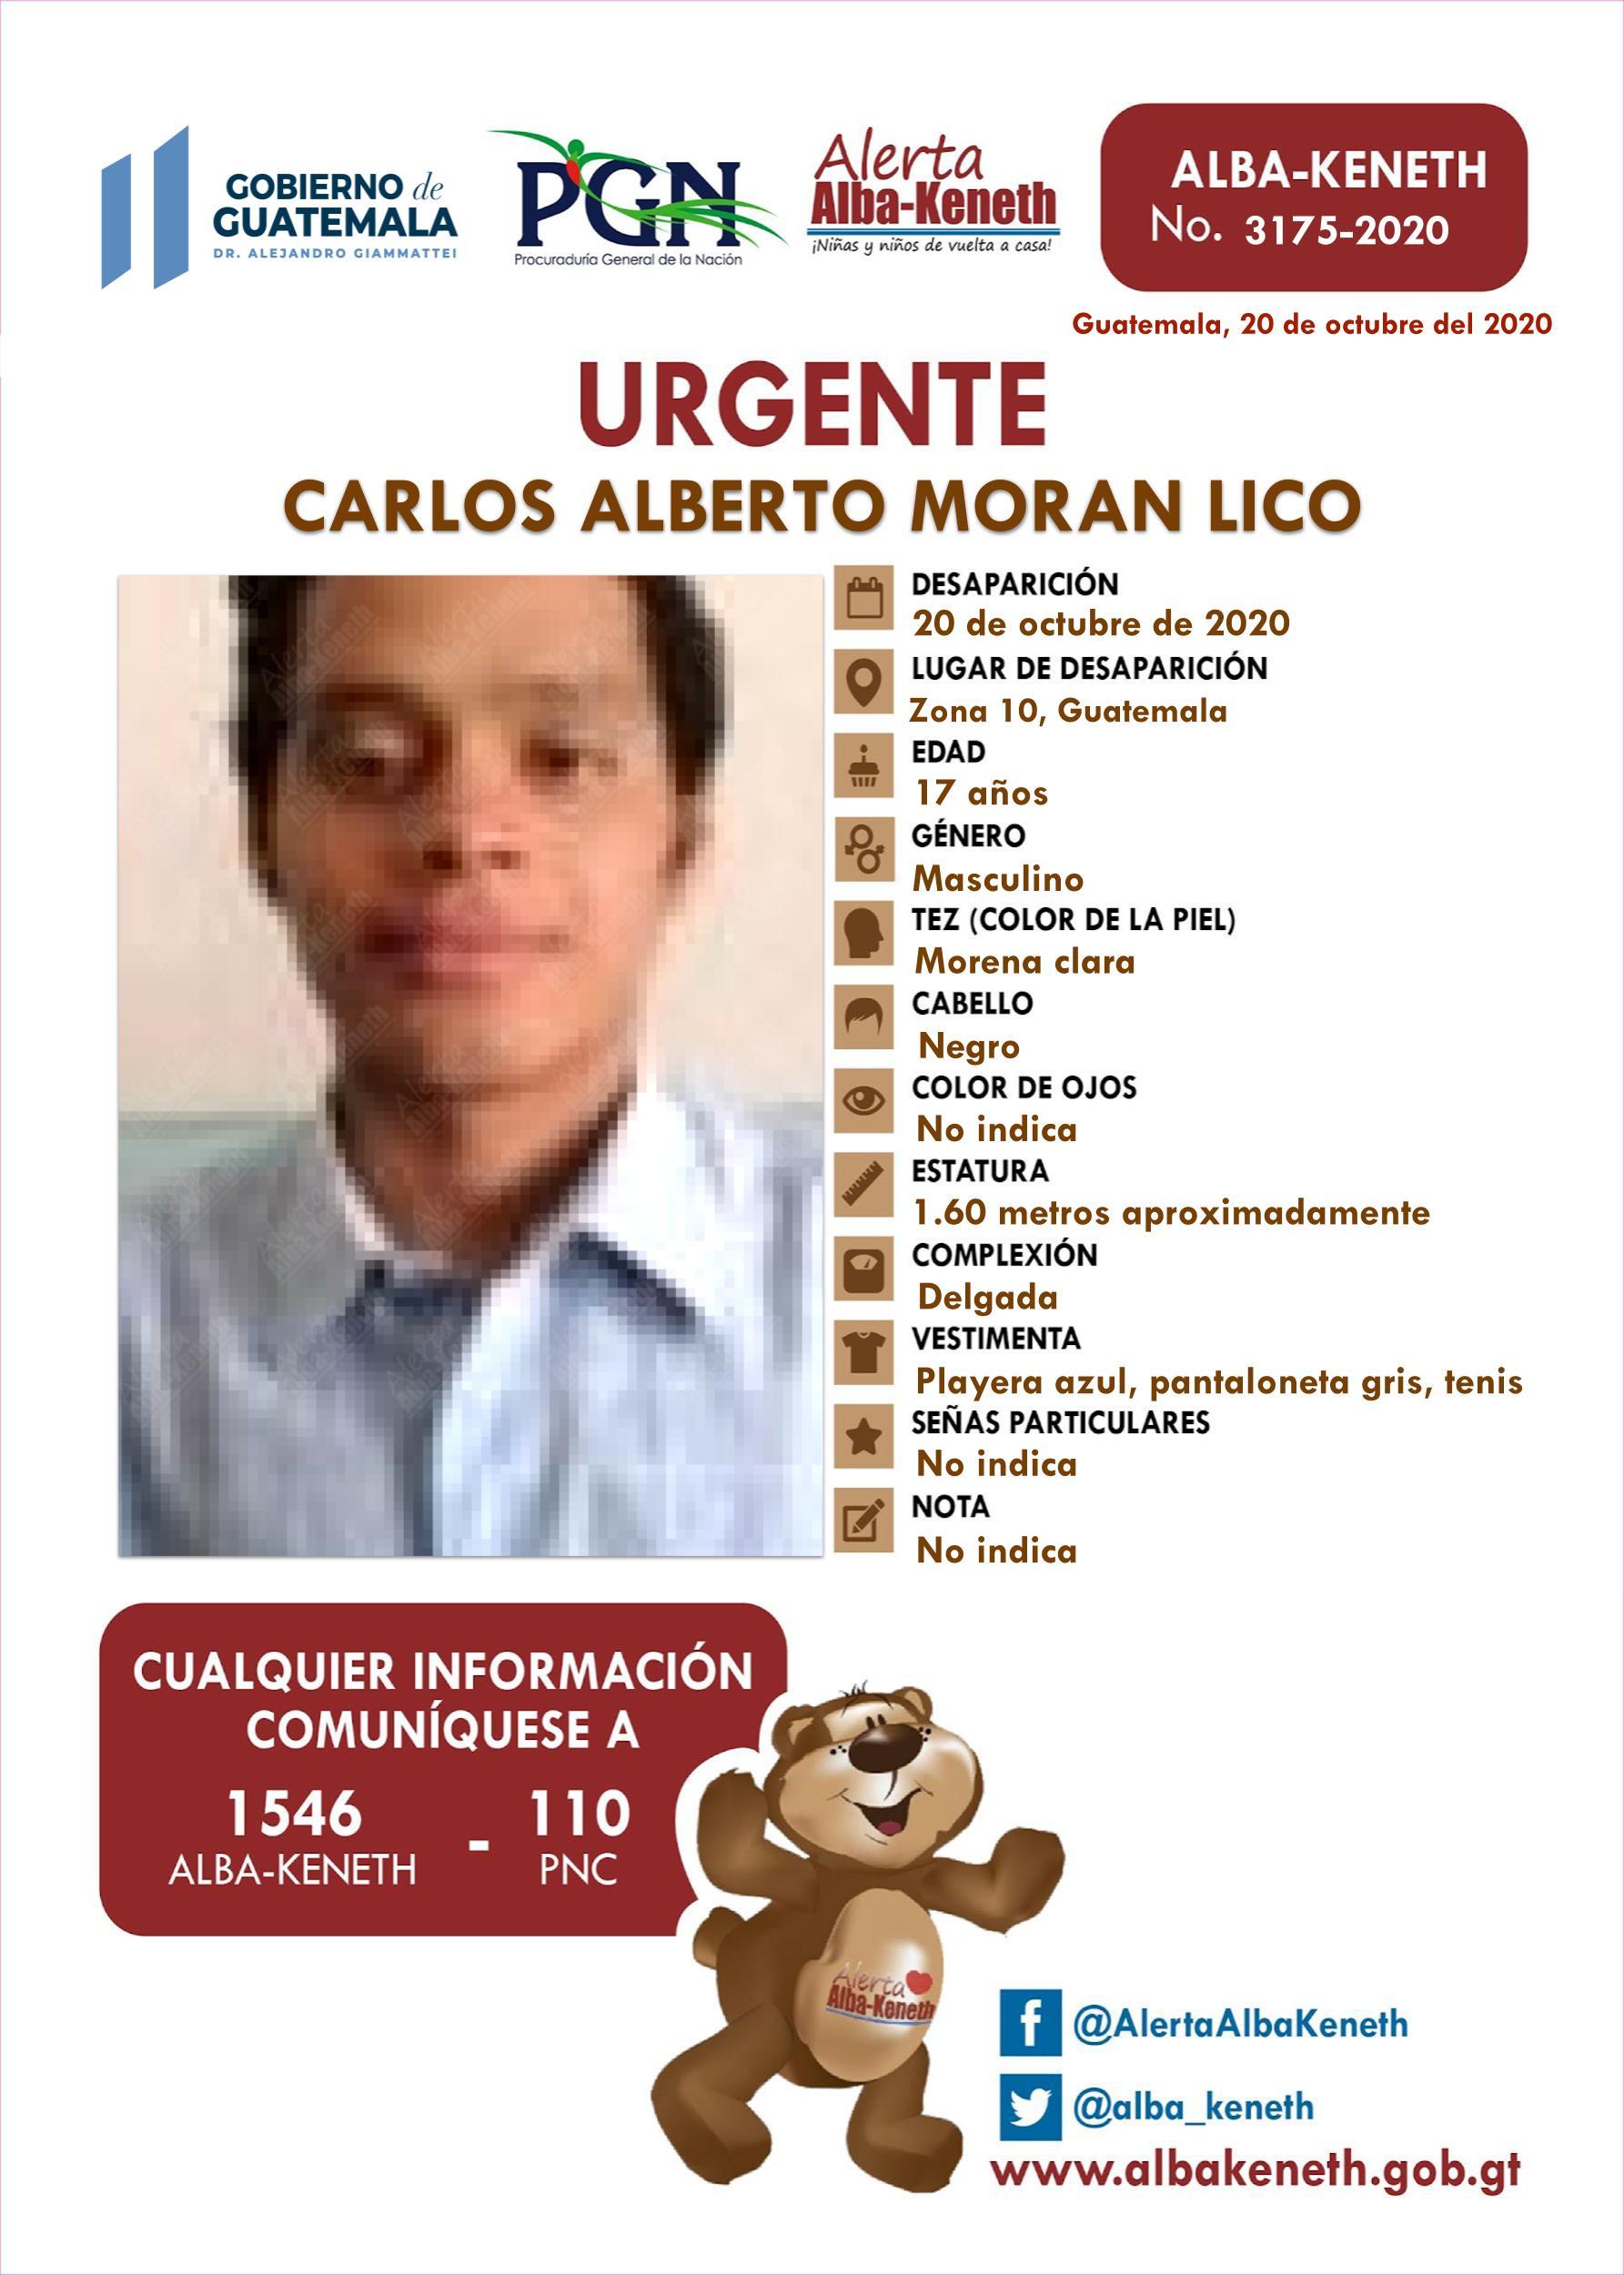 Carlos Alberto Moran Lico